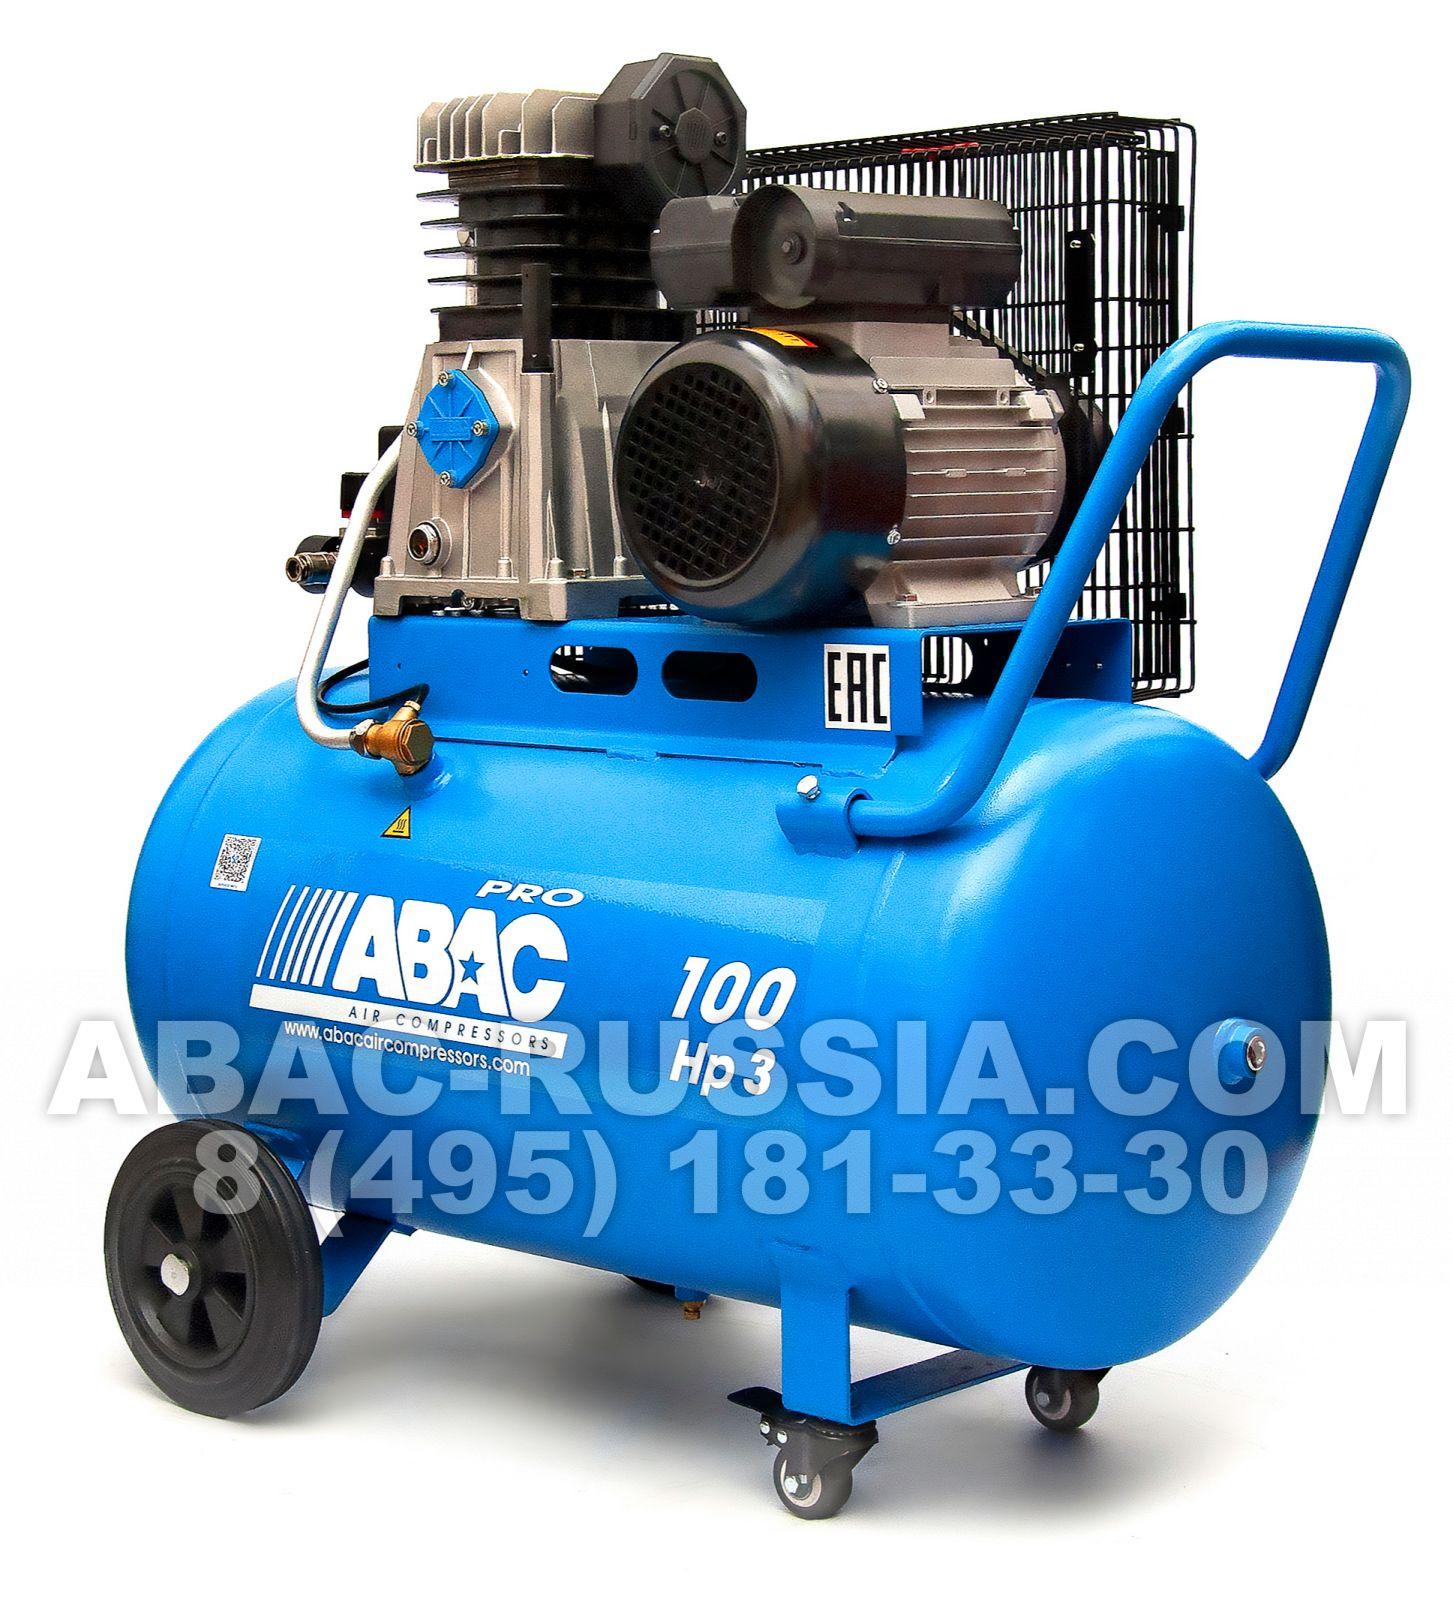 Поршневой компрессор ABAC А29В 100 СМ3 1129740186